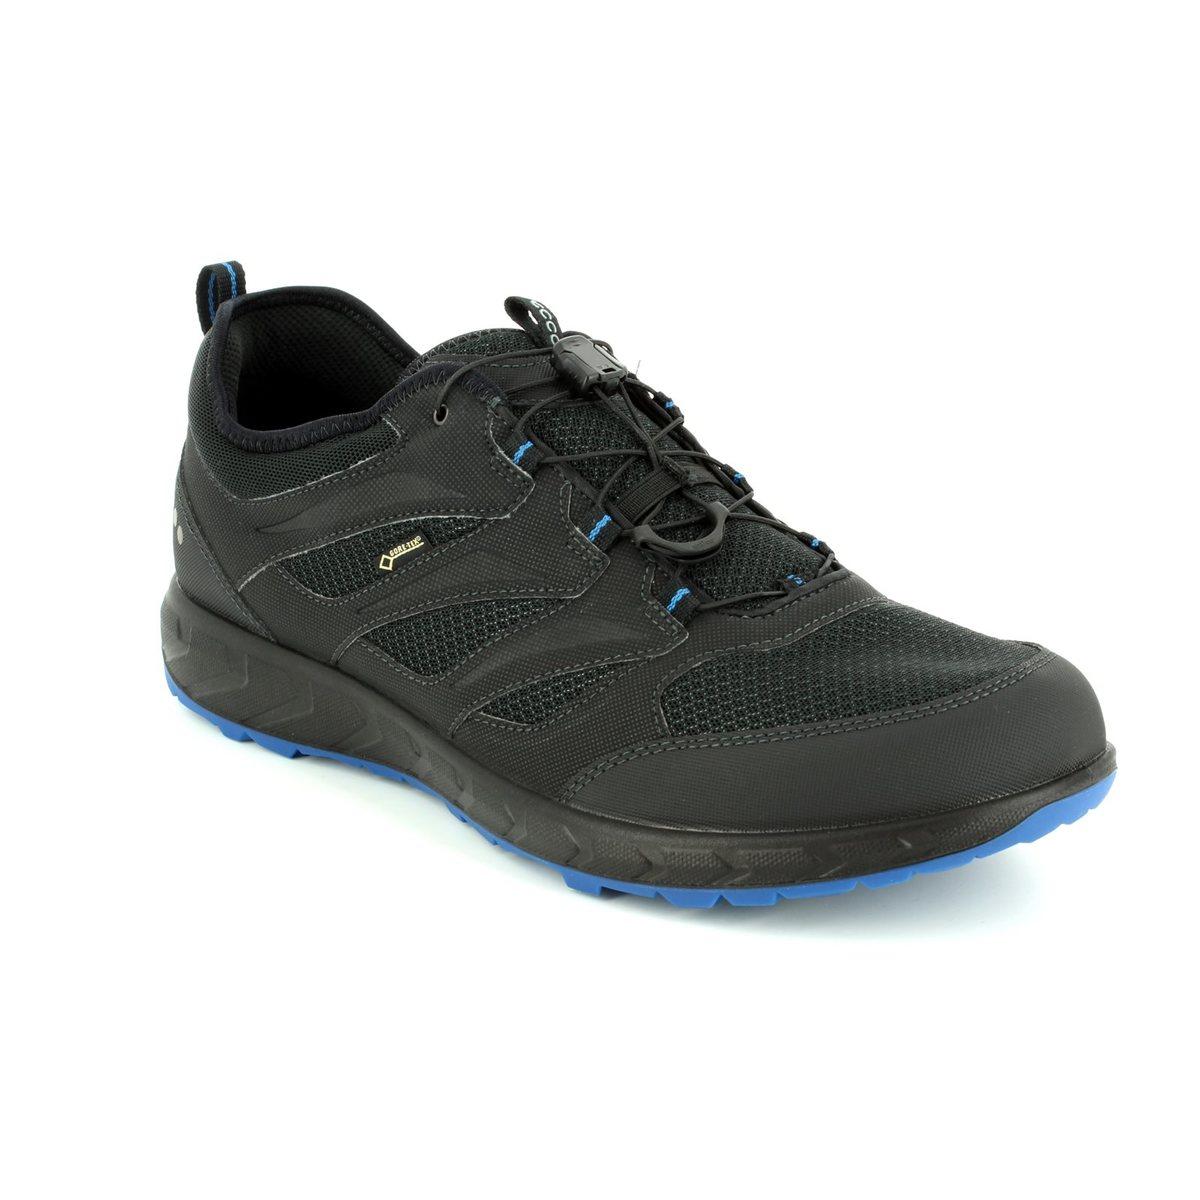 6860a1acec11 ECCO Casual Shoes - Black - 803524 51052 TERRATRAIL MENS GORE-TEX